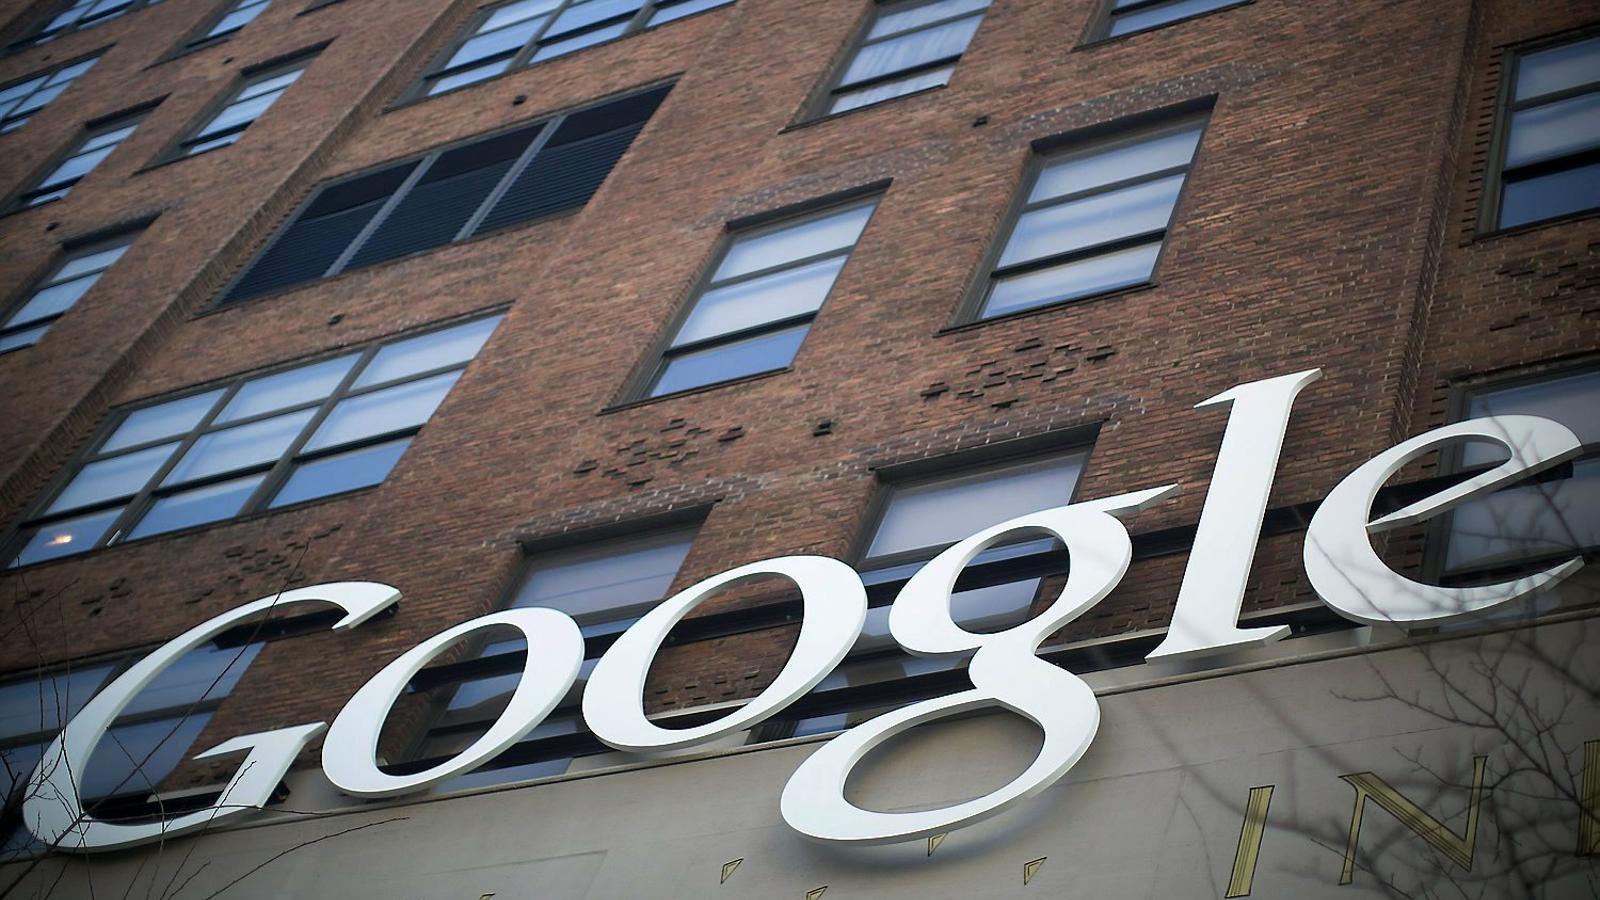 El govern espanyol aprovarà aquest dimarts la taxa Google, que encara haurà de passar pels tràmits parlamentaris.